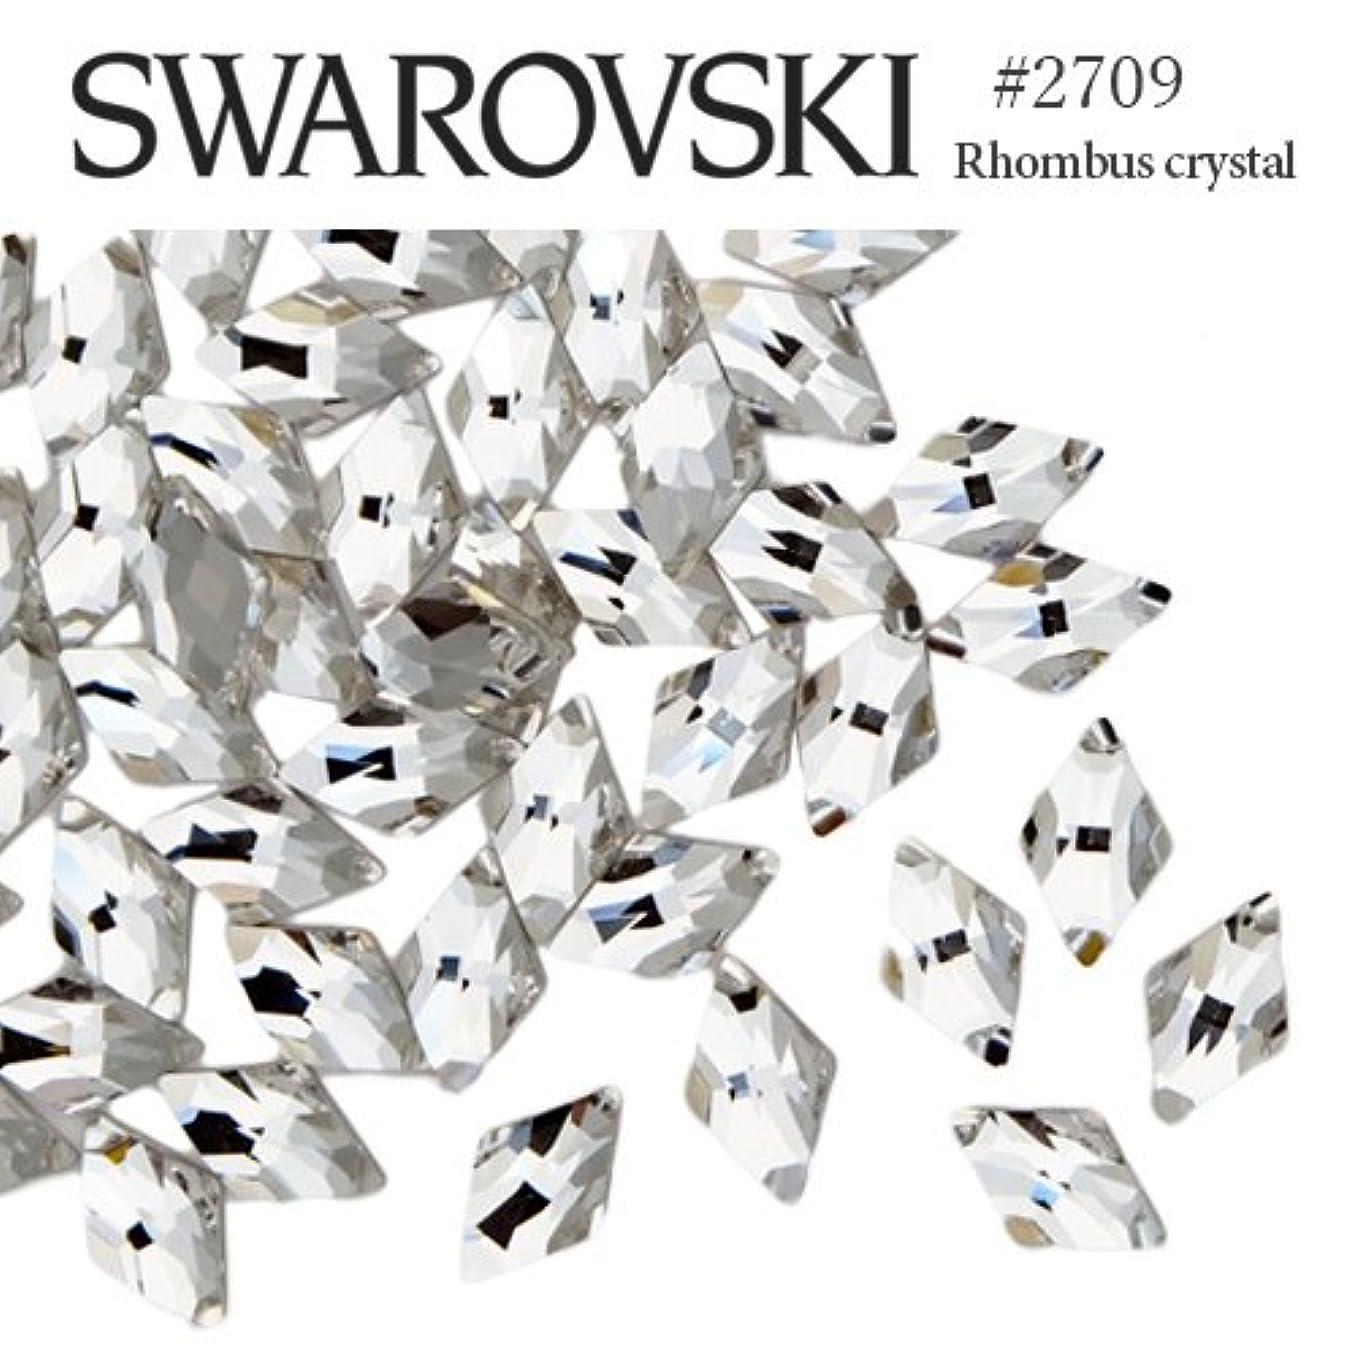 メロディアスモナリザ影響スワロ #2709 ダイヤ/ロンバス (ひし形) [クリスタル] 3粒入り スワロフスキー ラインストーン